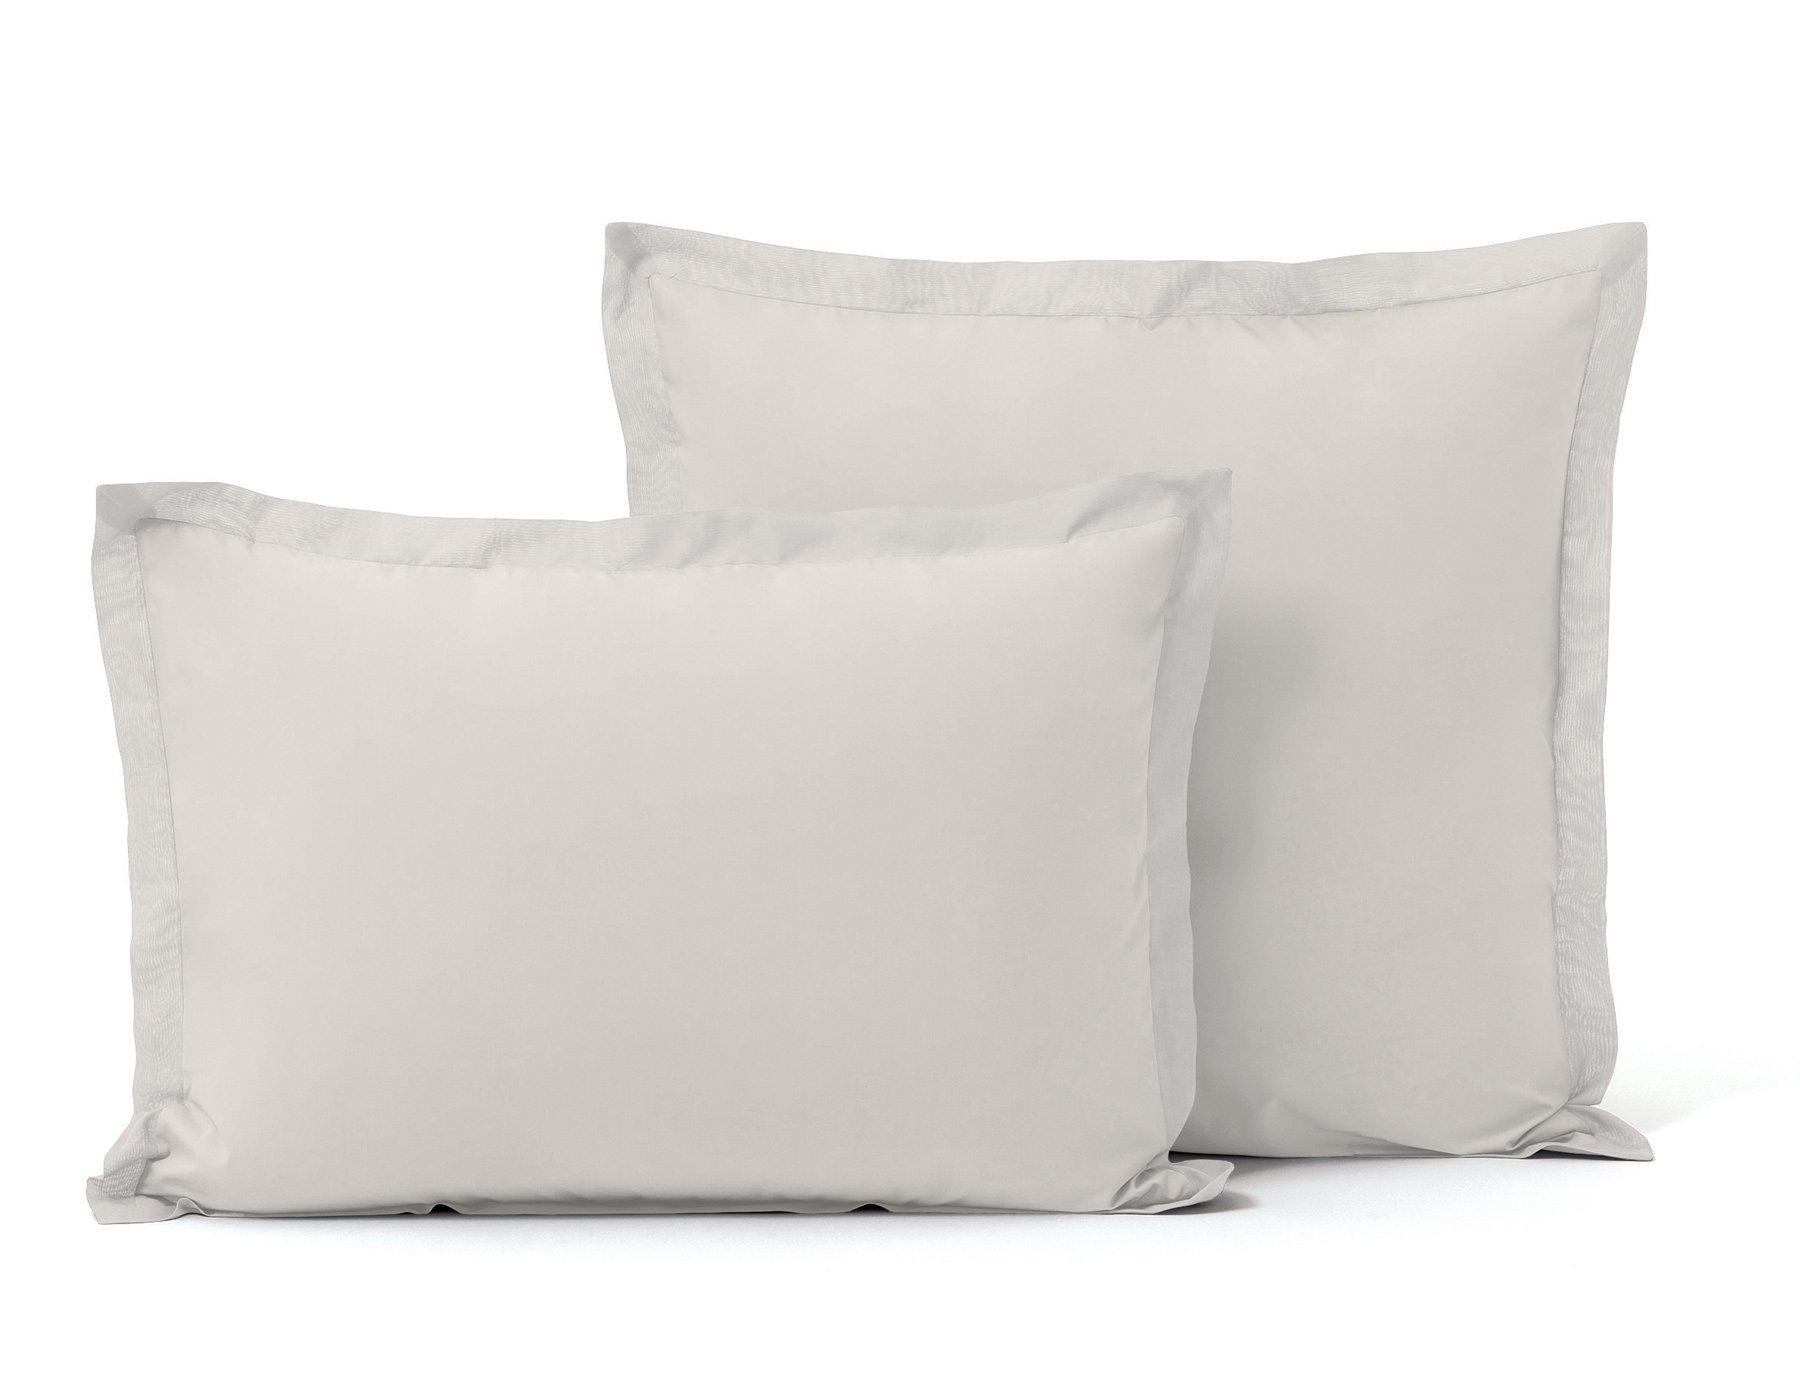 Linge de lit percale prestige 100% coton peigné